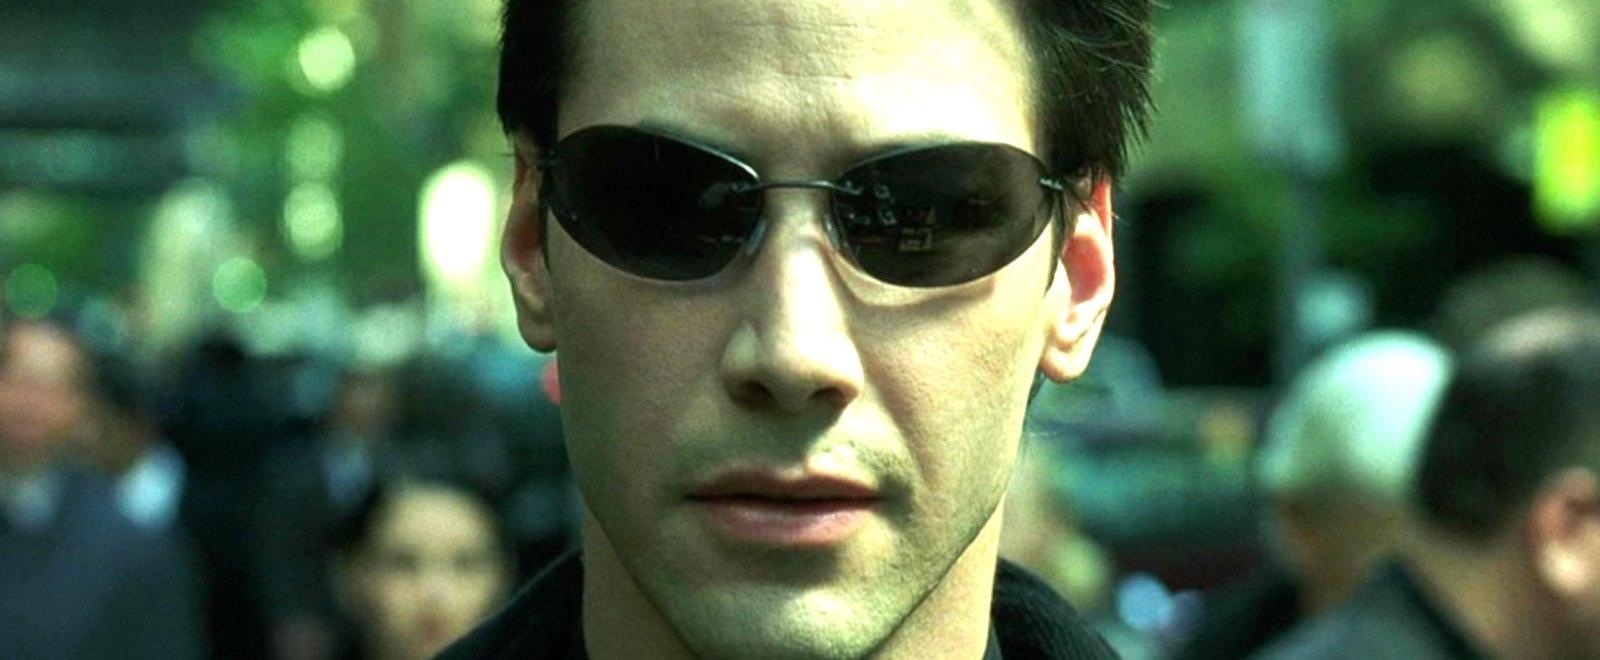 Matrix 4 Wachowski Keanu Reeves